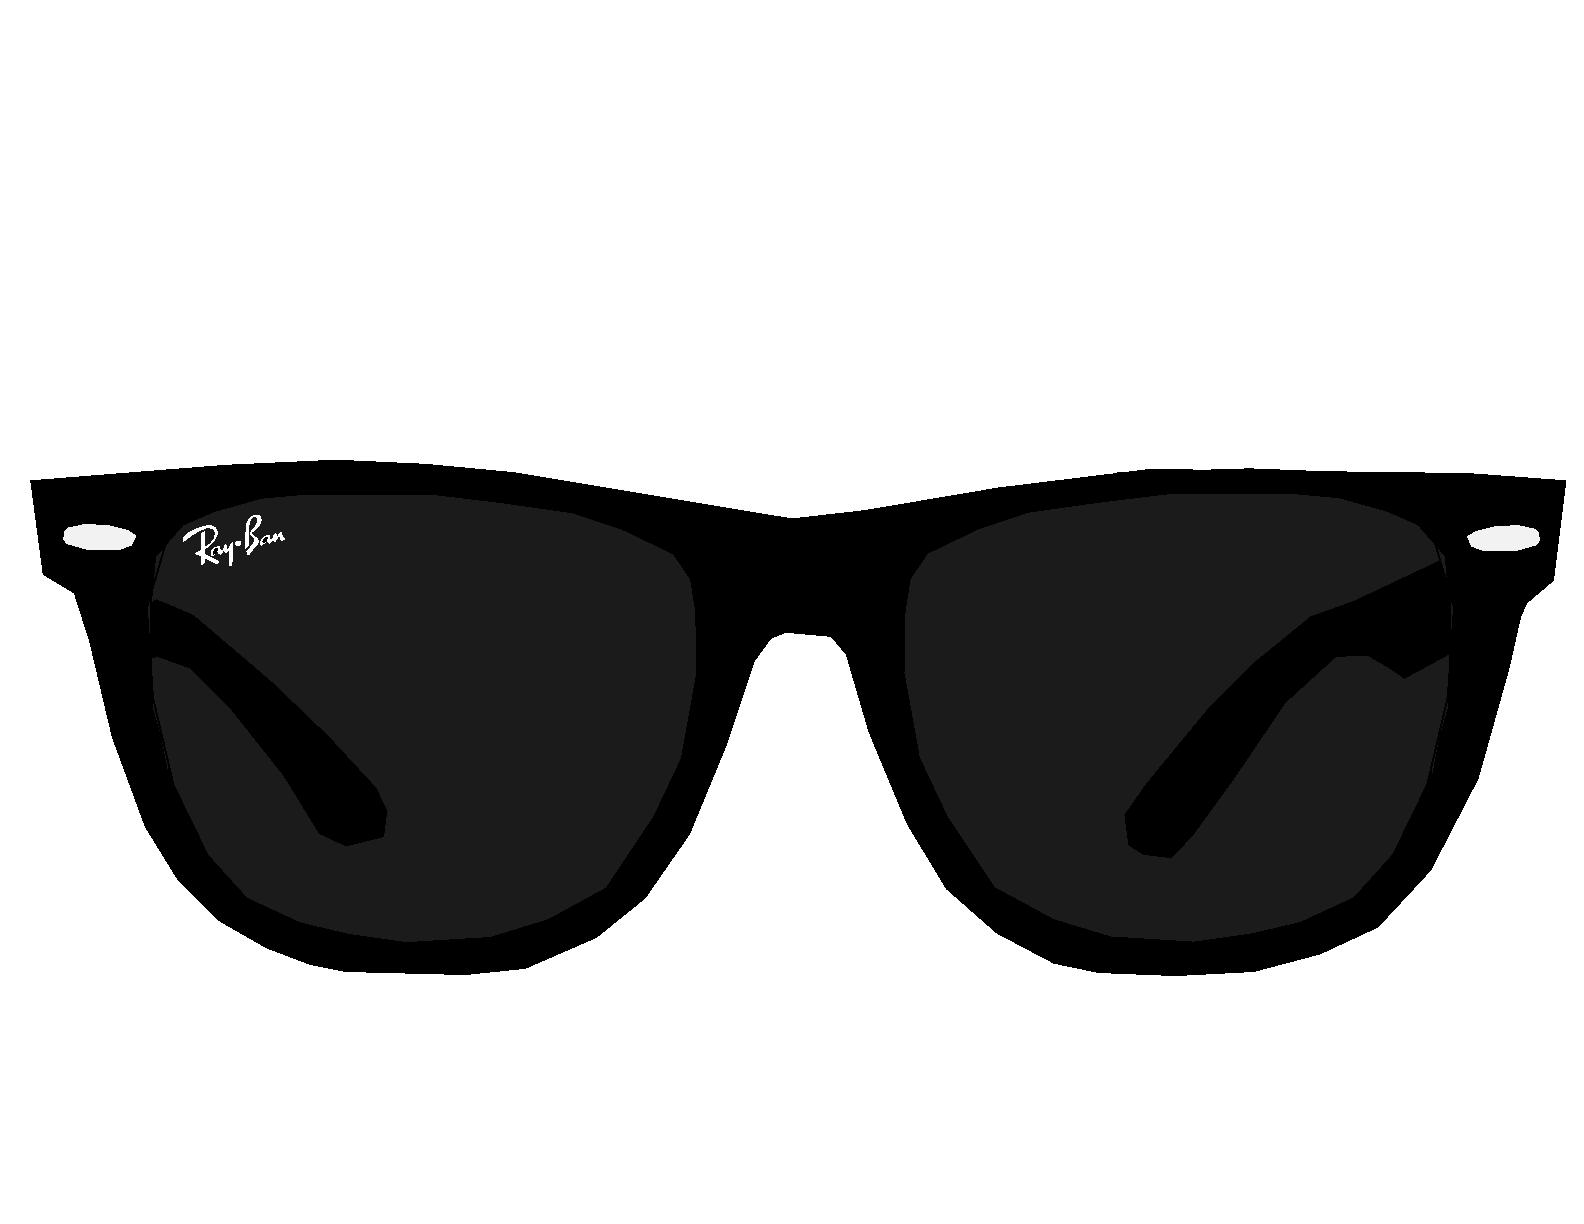 Black Sun Rays Clip Art At Clker Com Vector Clip Art Online Royalty ...